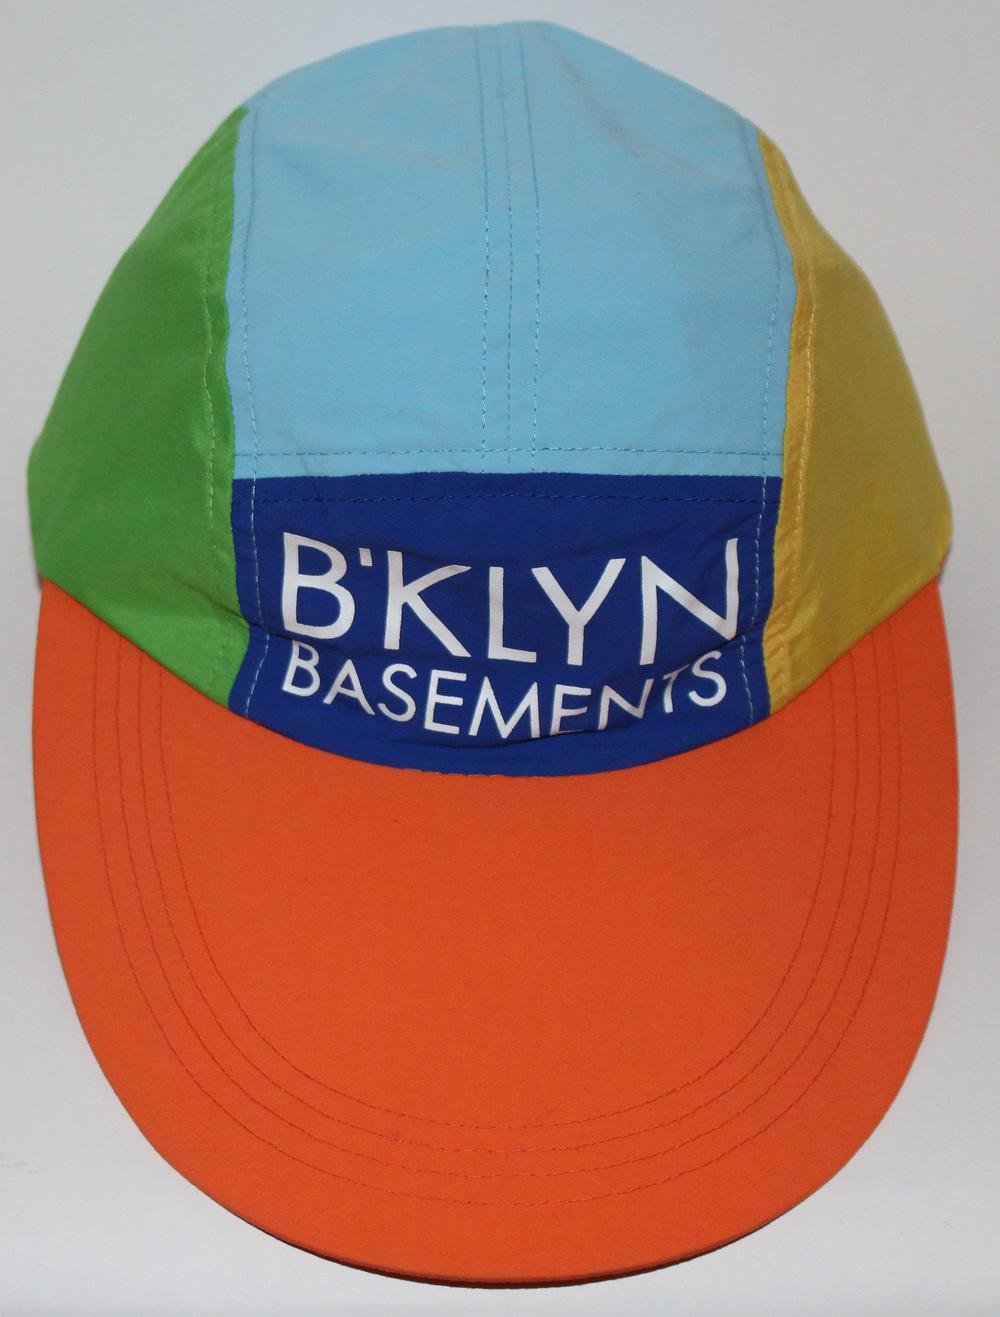 ea4b9a8be1f Brooklyn Basements Polo Style Long Bill 5 Panel